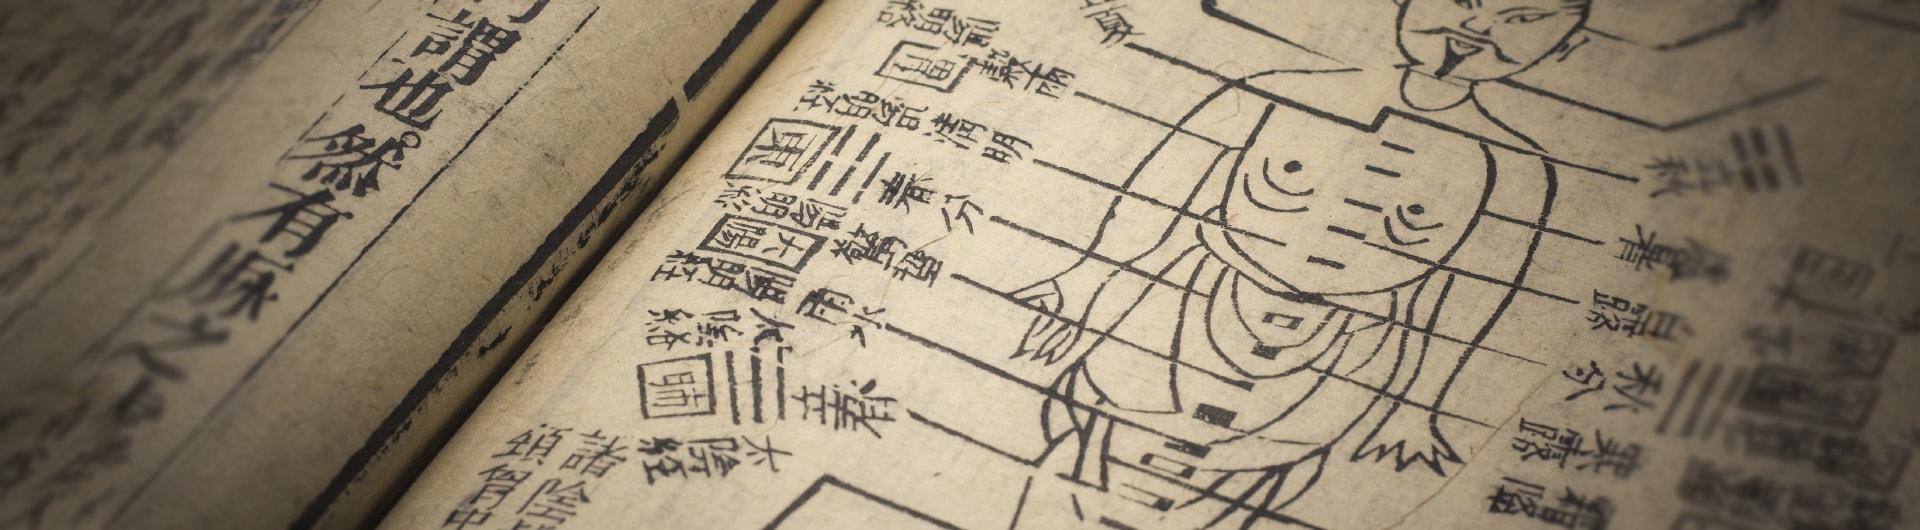 Rytų medicina, akupunktūra klinikoje SUGIHARA